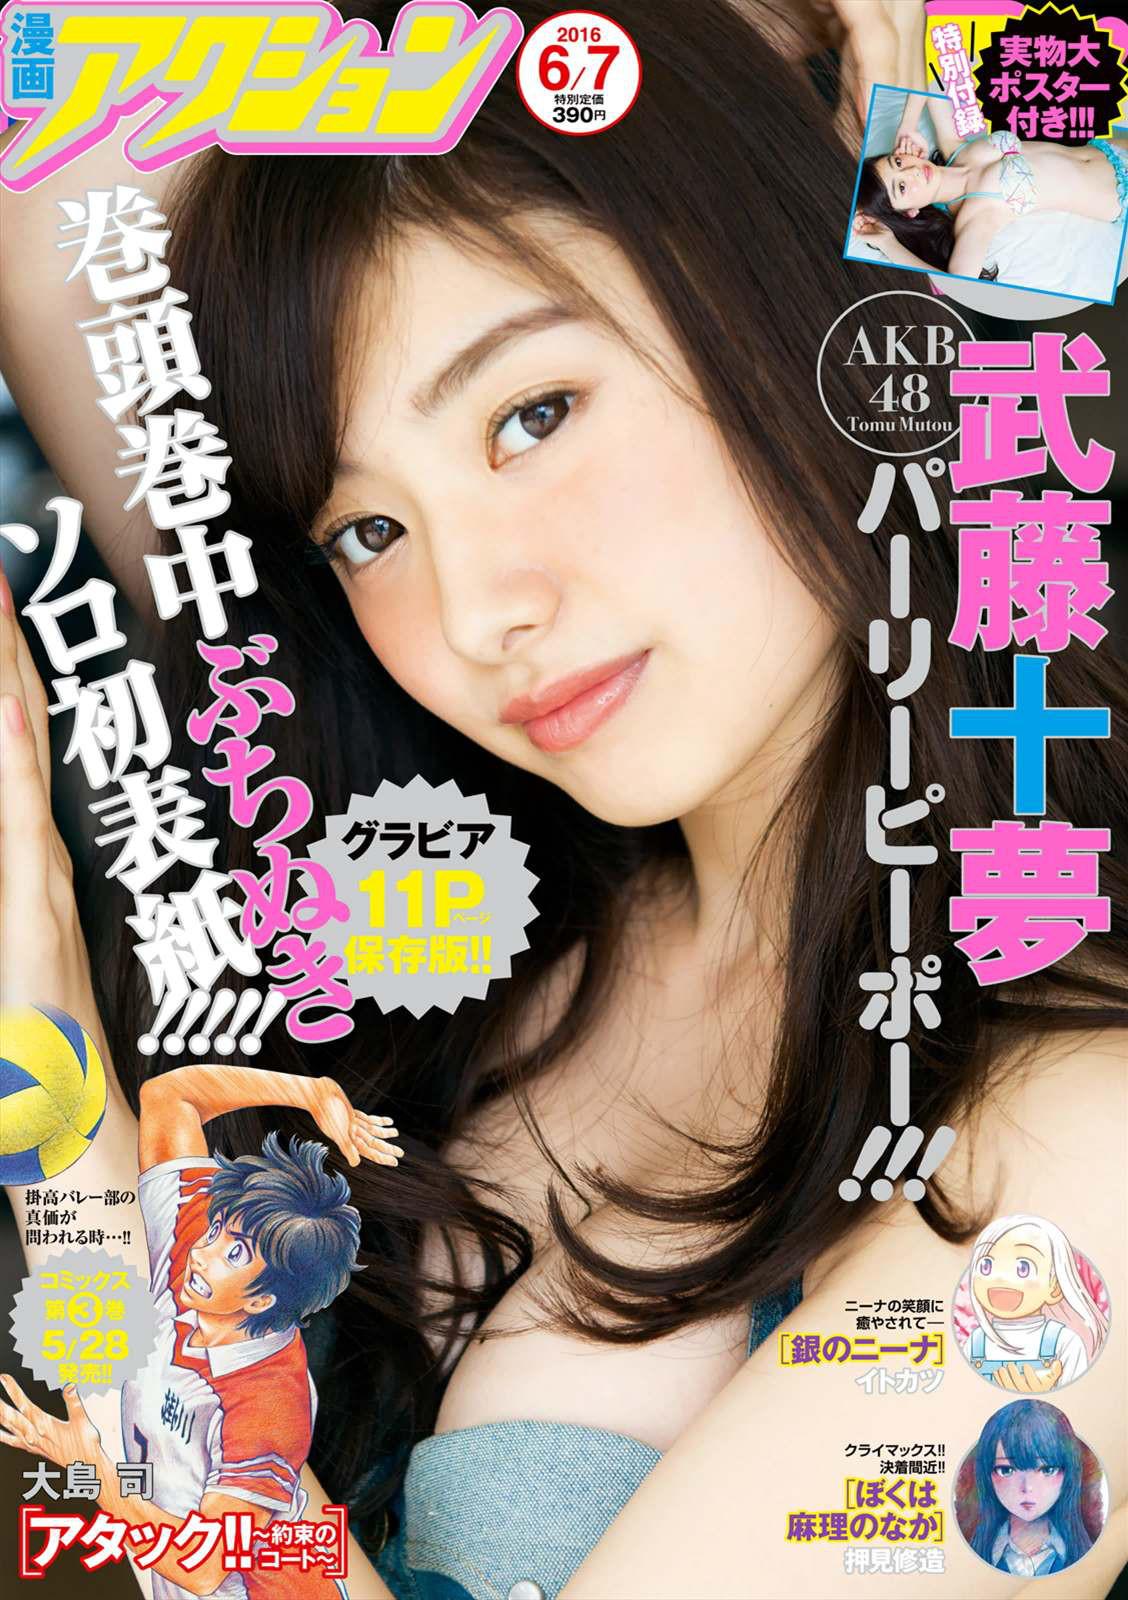 Muto Tomu 武藤十夢 AKB48, Manga Action Magazine No.11 2016 Gravure